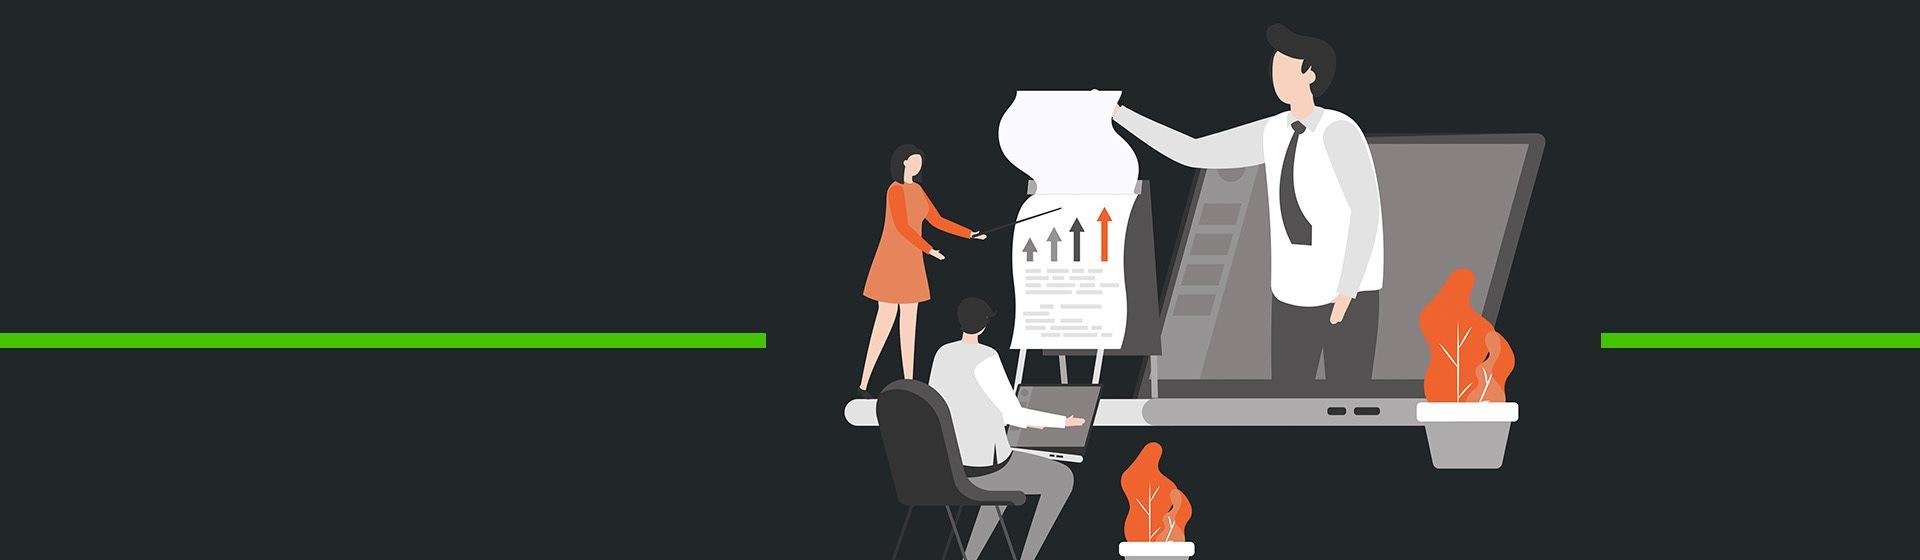 [Free Webinar]-Why Content Marketing Is Key In B2B Lead Generation Efforts